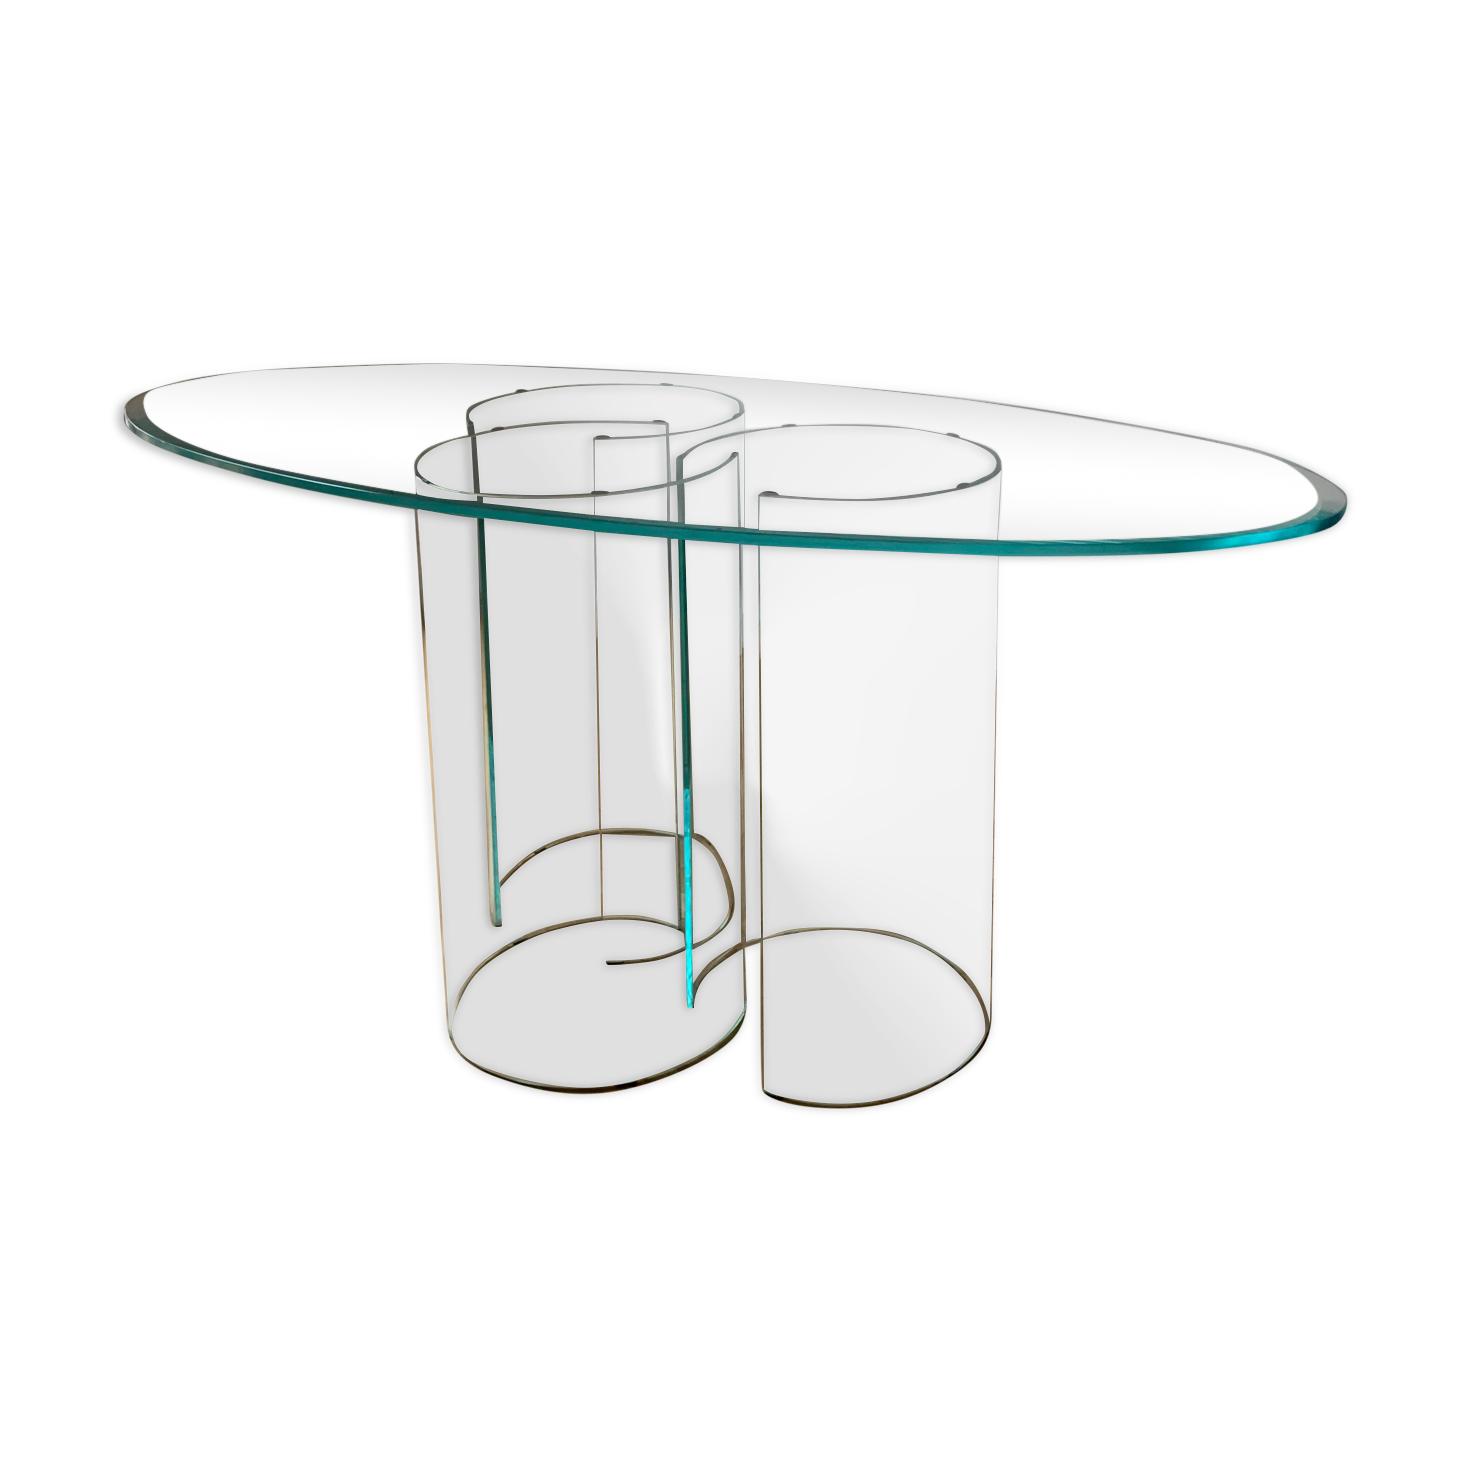 Table en verre Luxor design Rodolfo Dordoni édition exclusive FIAM